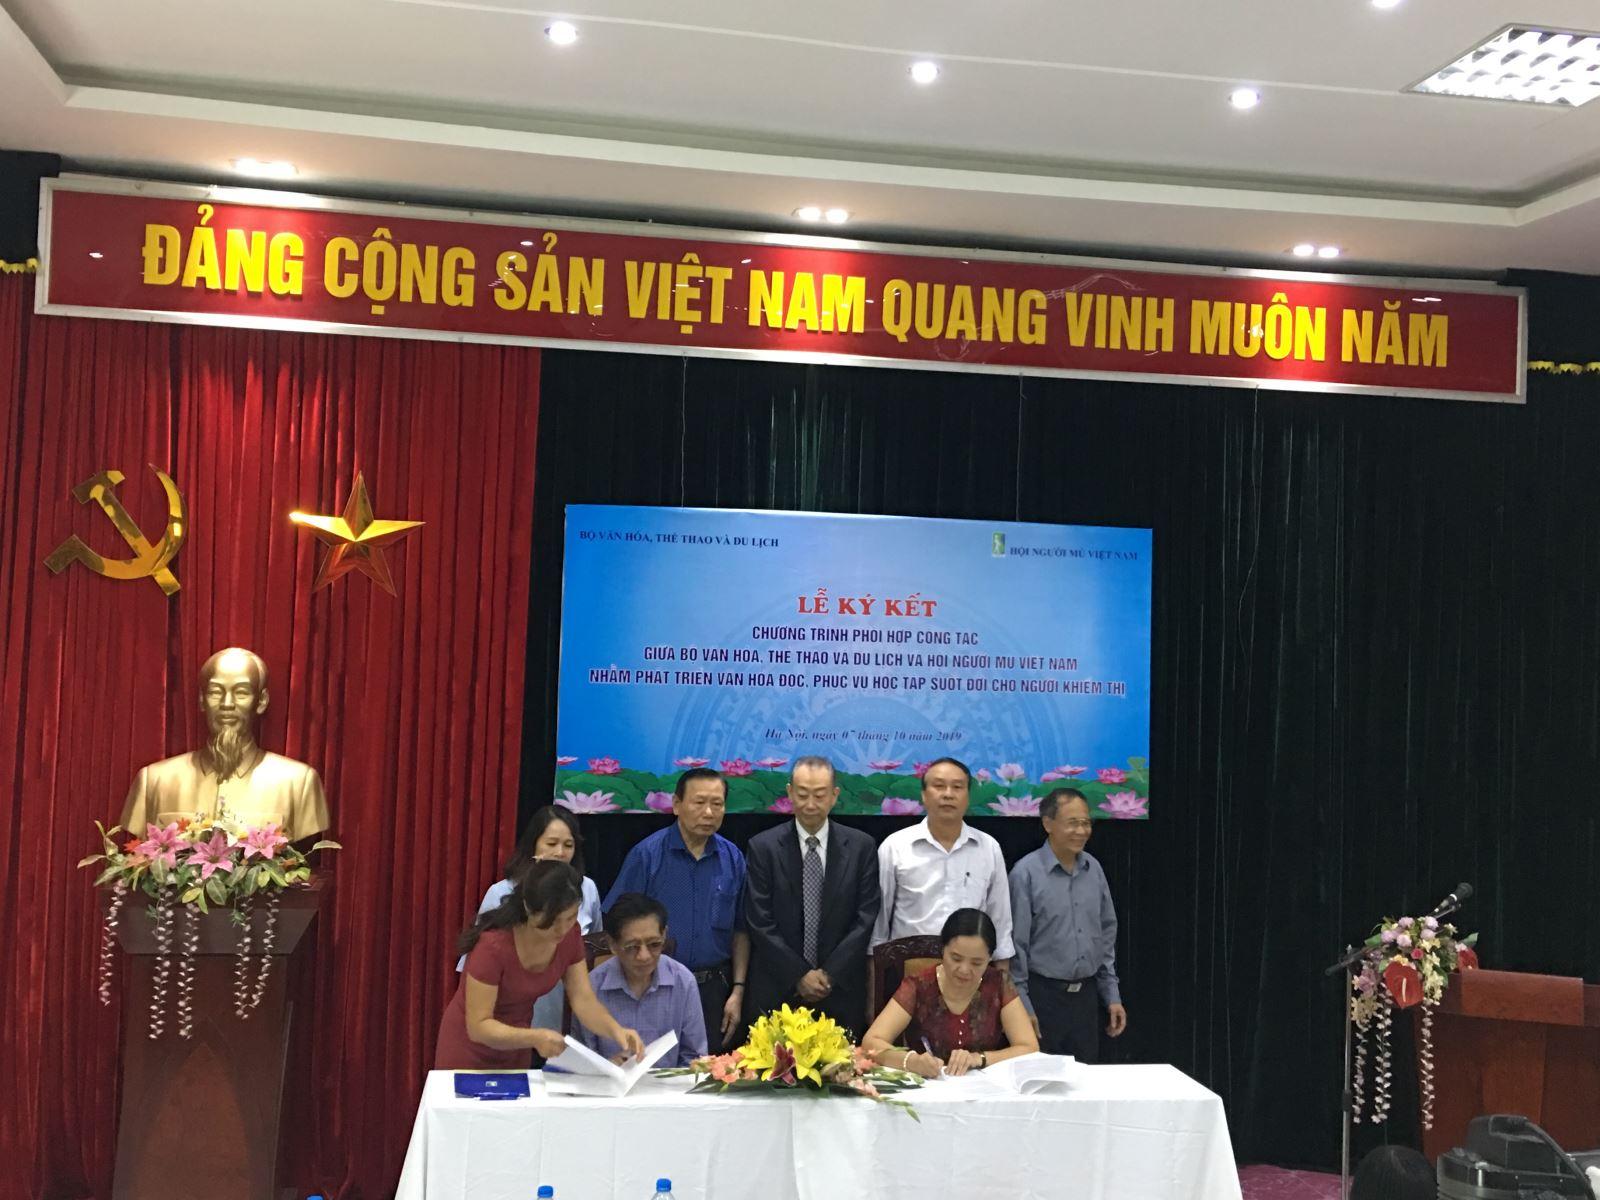 Vụ Thư viện và Hội Người mù Việt Nam ký kết Chương trình phối hợp công tác nhằm phát triển văn hoá đọc, phục vụ học tập suốt đời cho người khiếm thị